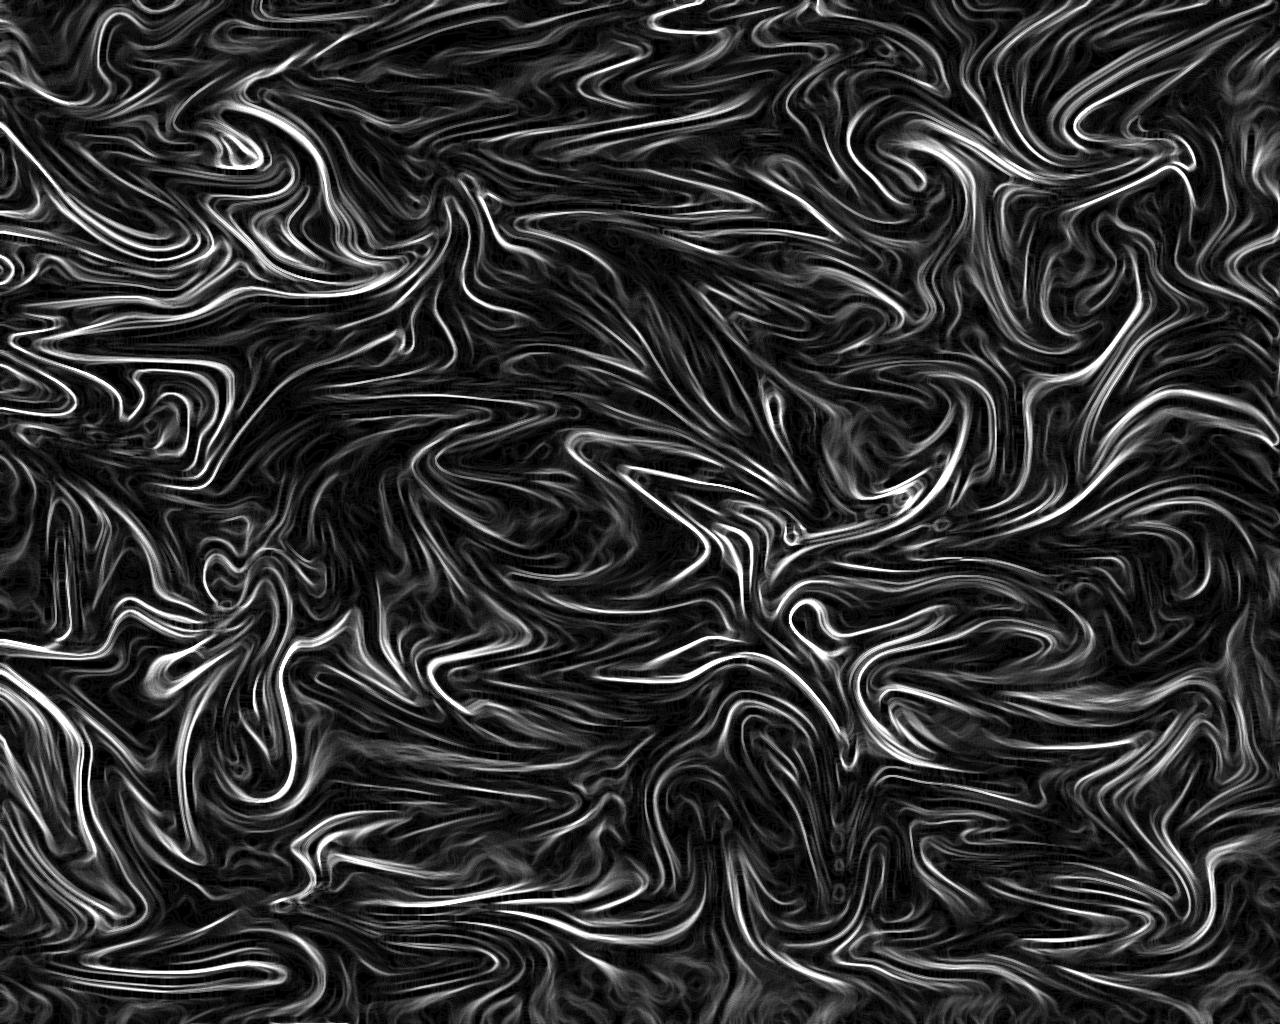 Monochrome Diffusion